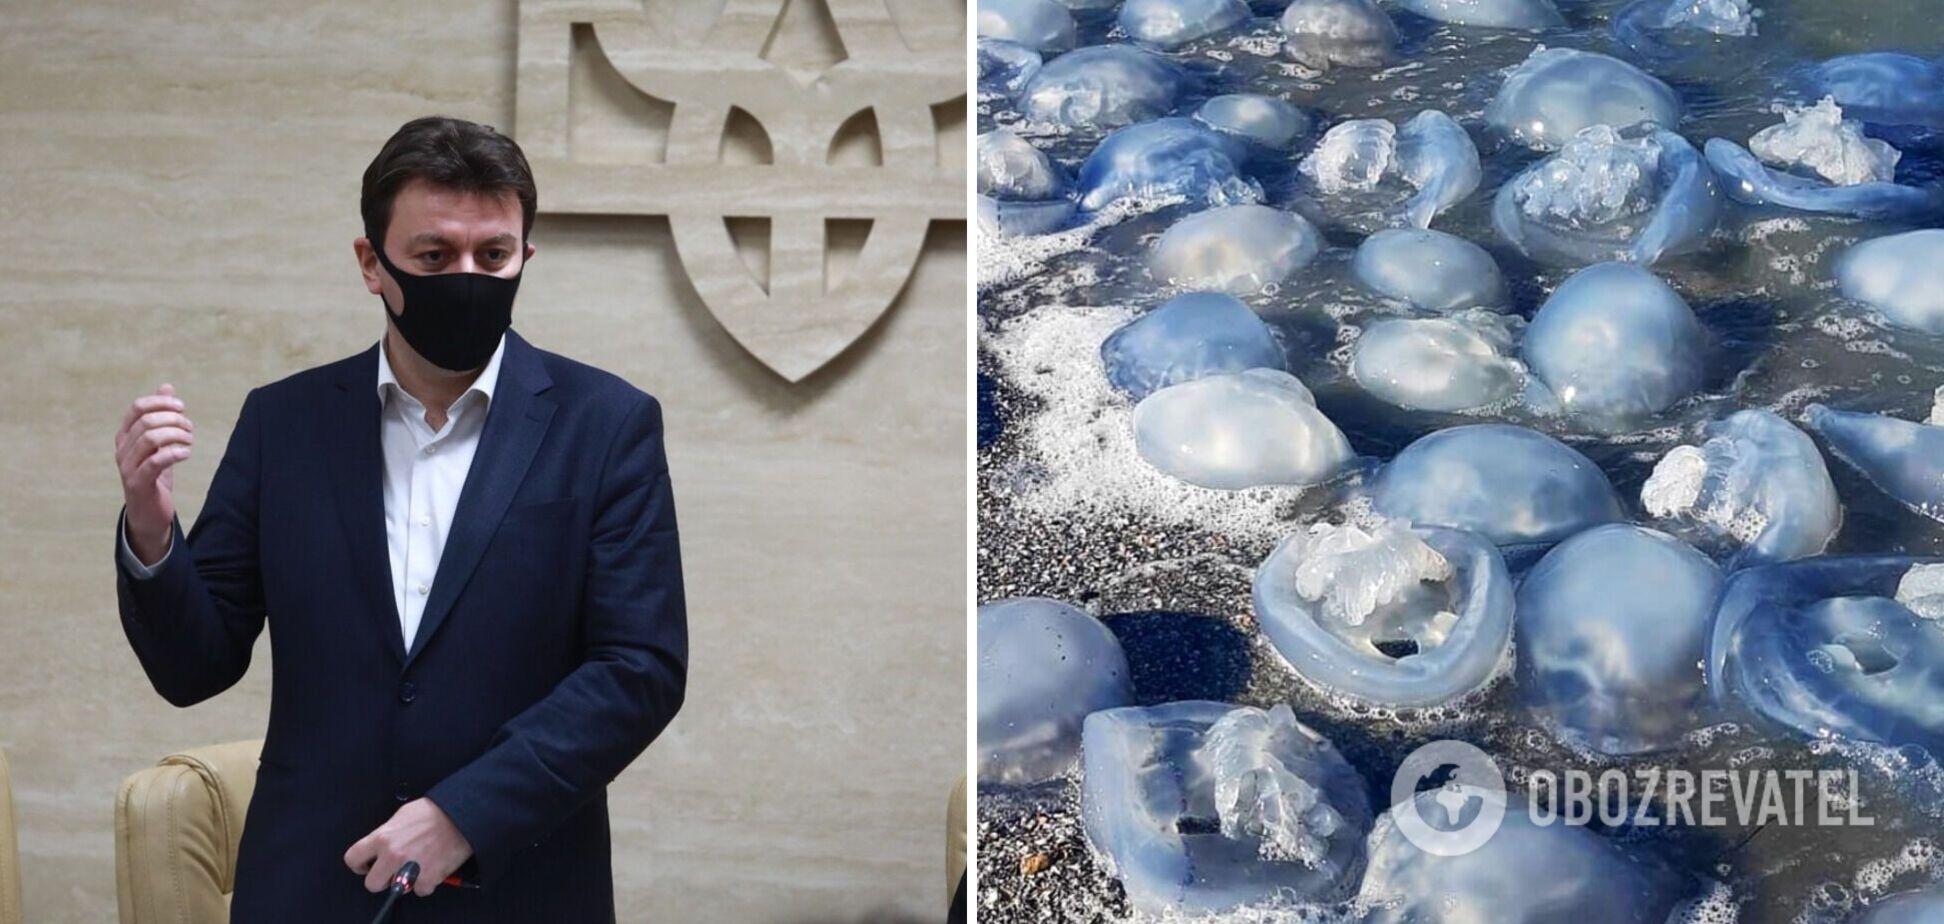 Глава Запорожской ОГА предложил подать в суд на Россию из-за испорченного медузами отдыха украинцев